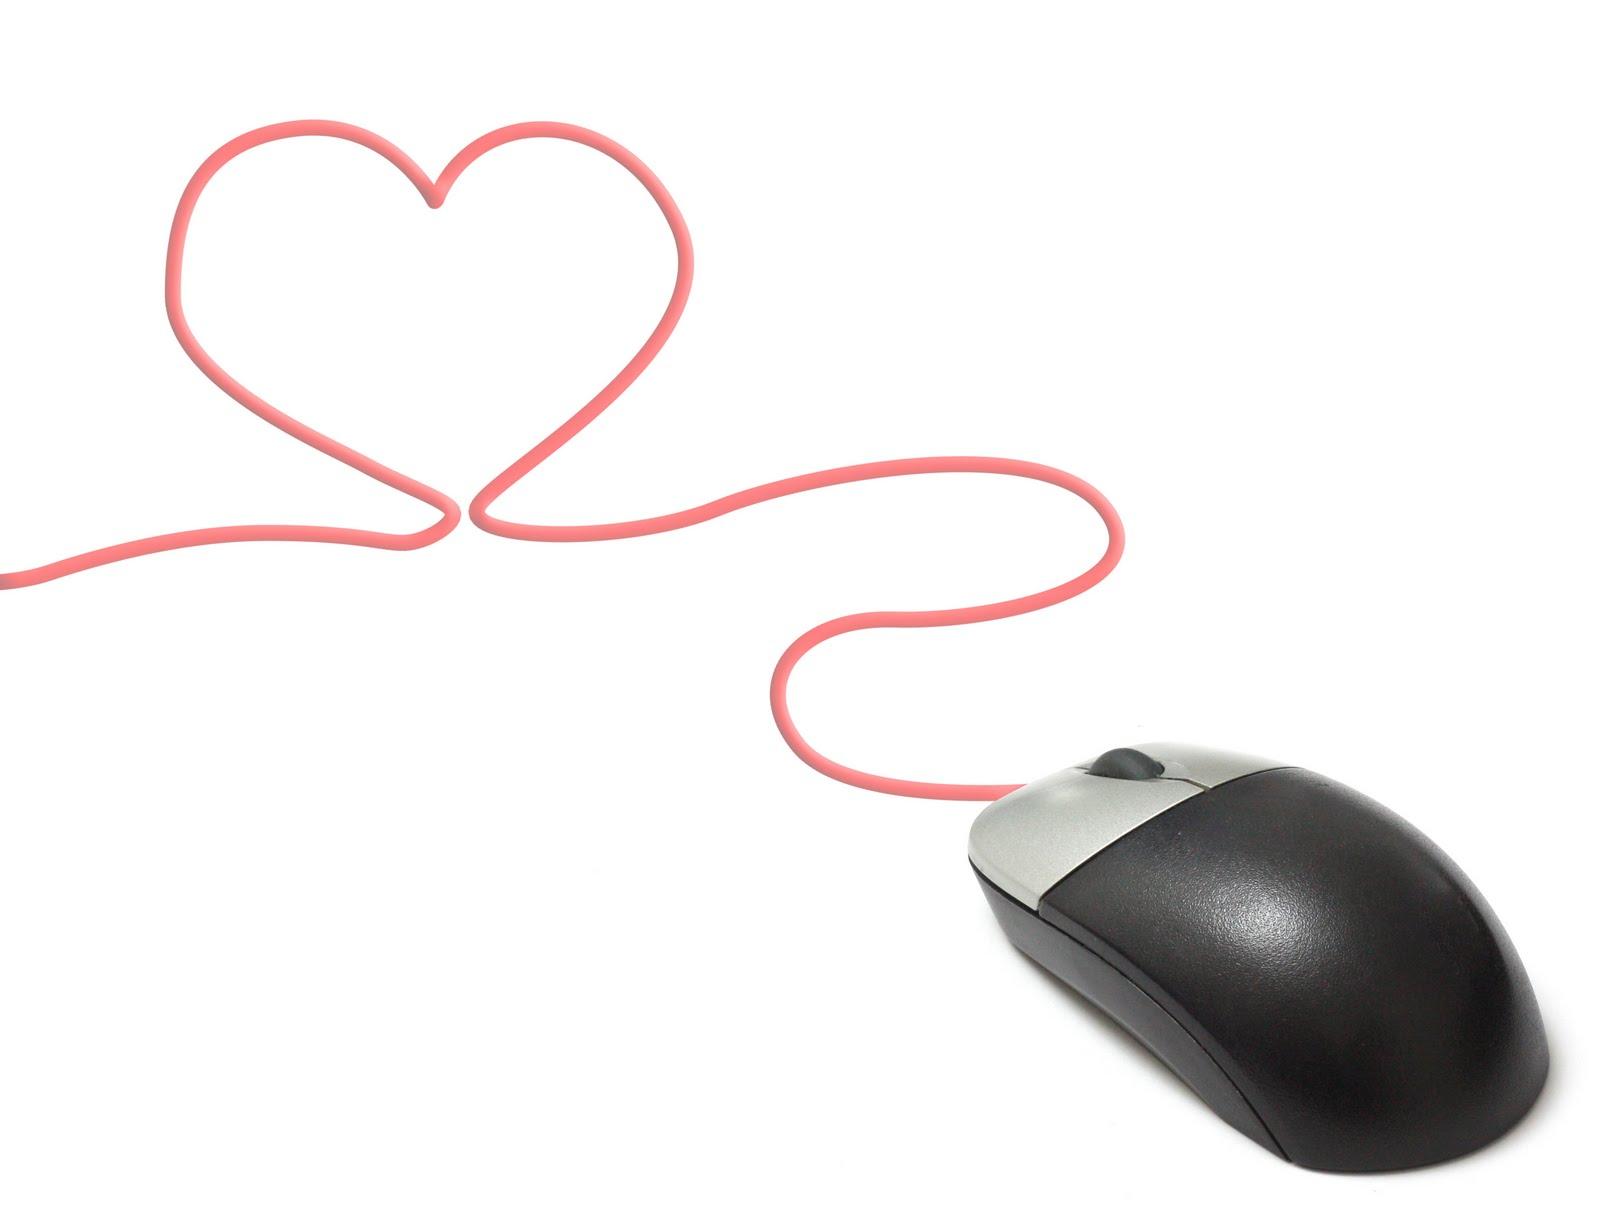 Partnervermittlung kostenlos – das Problem der gratis Webseiten!